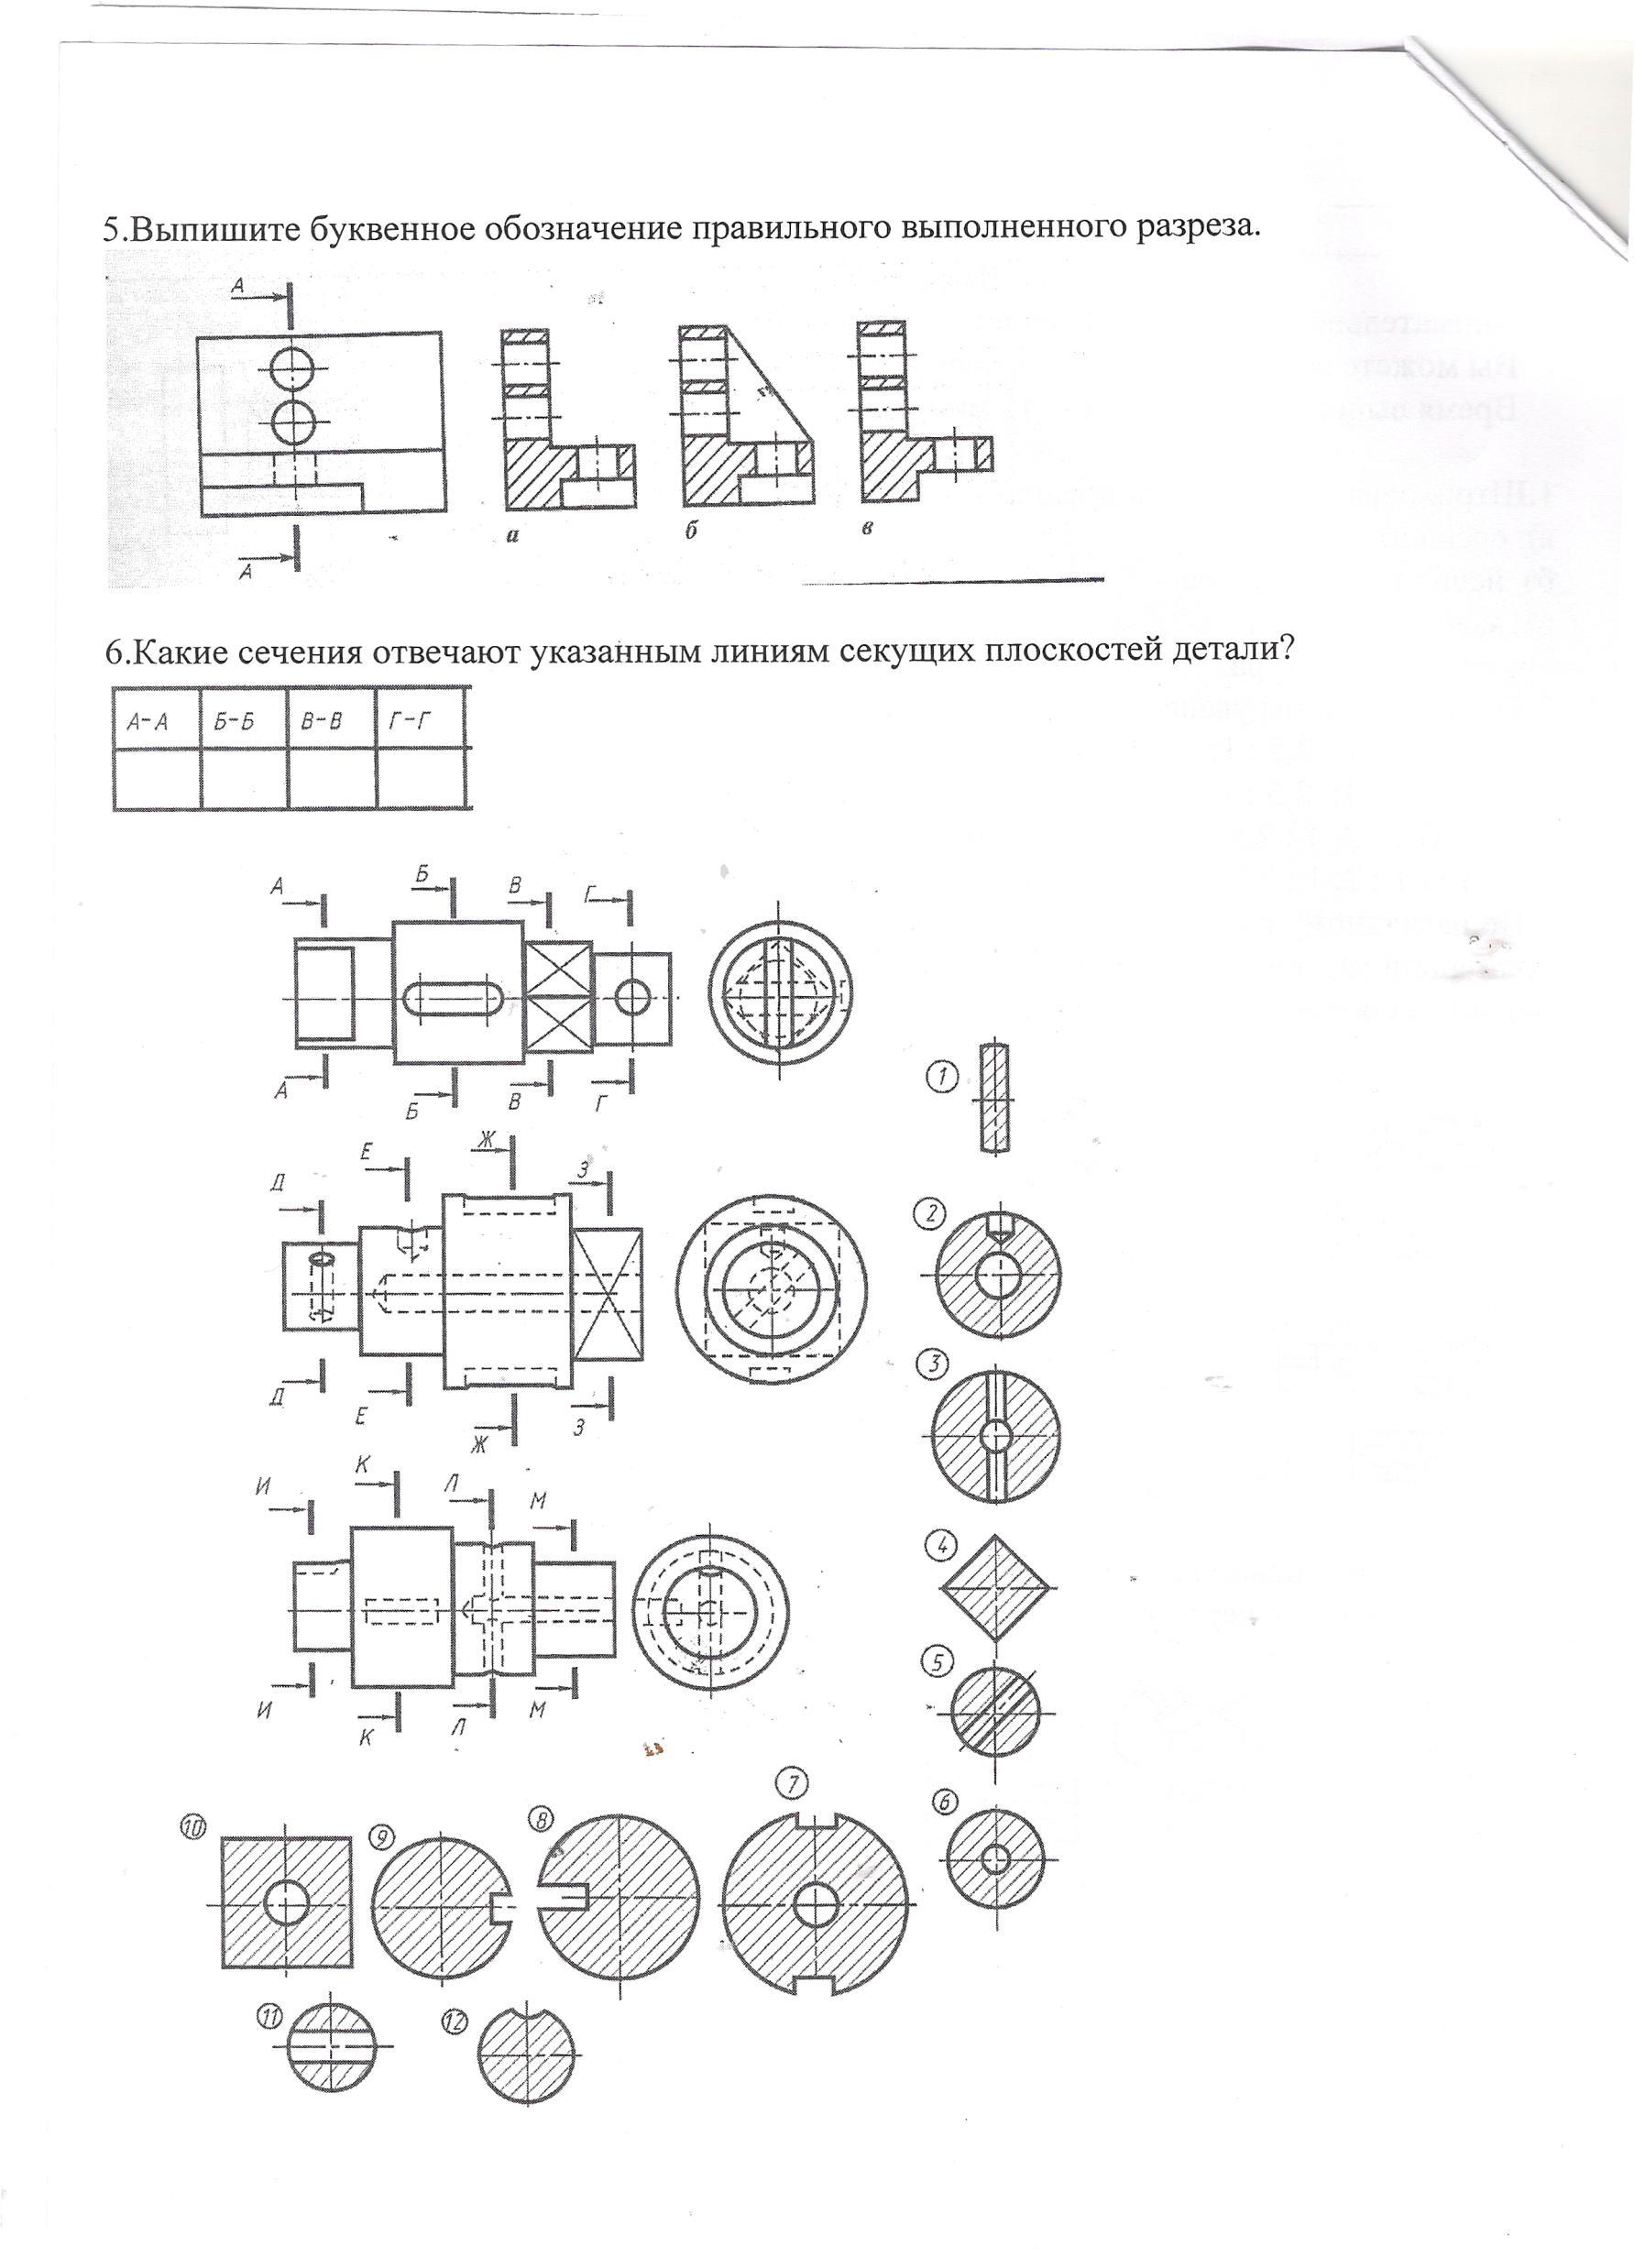 F:\Вопросы к экзаменм, зачетам, контрольной работе\Зачеты 1семестр 2014-15\Основы технического черчения\2.tif